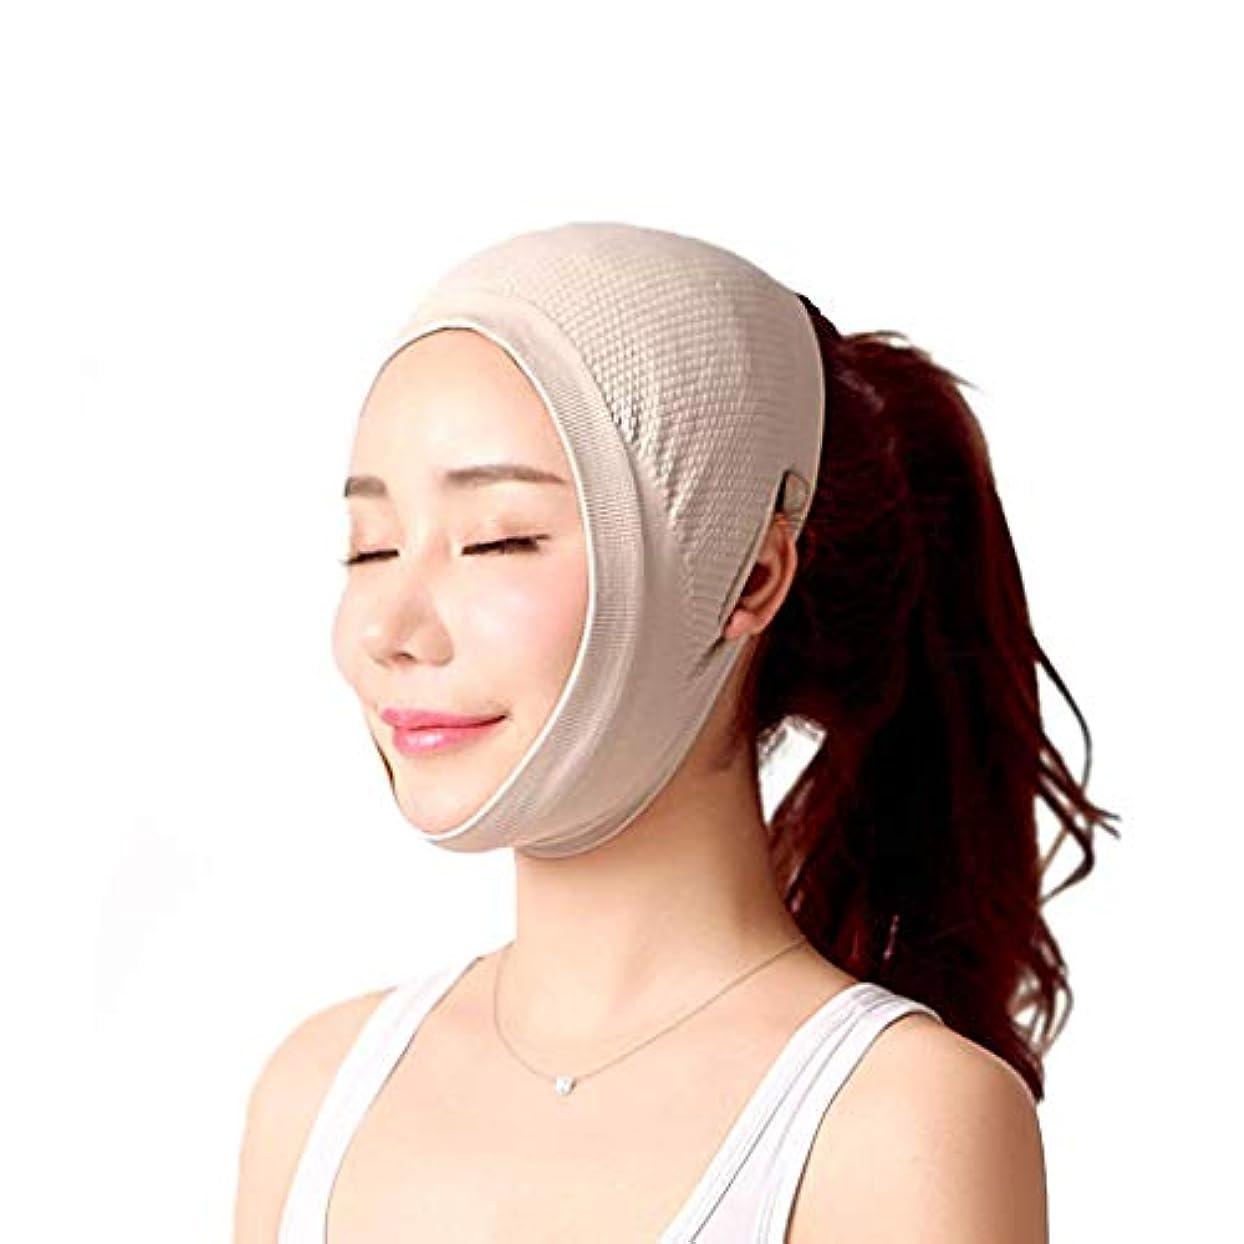 枯渇する他の場所細胞顔痩身包帯、二重あご、二重あごを減らすために顔を持ち上げる、顔を引き締める、体重を減らすためのマスク(ワンサイズ)